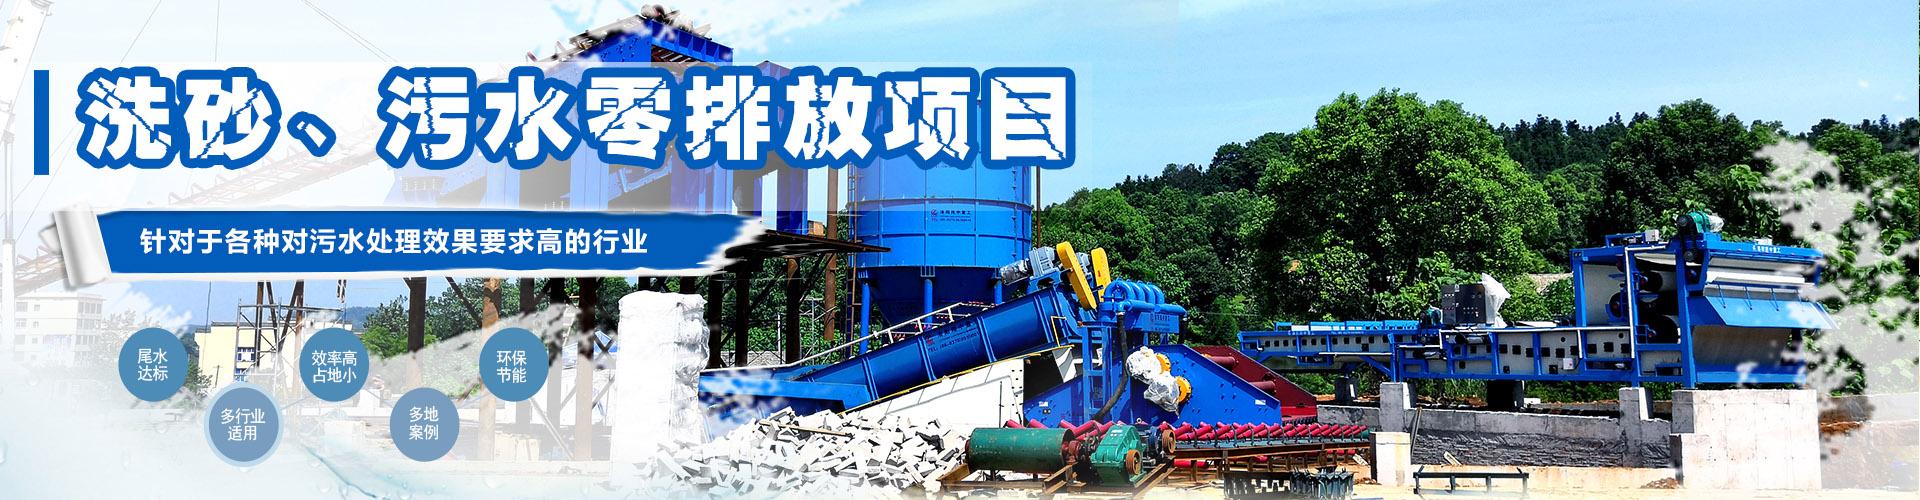 污泥脱水机设备--隆中零排放系统